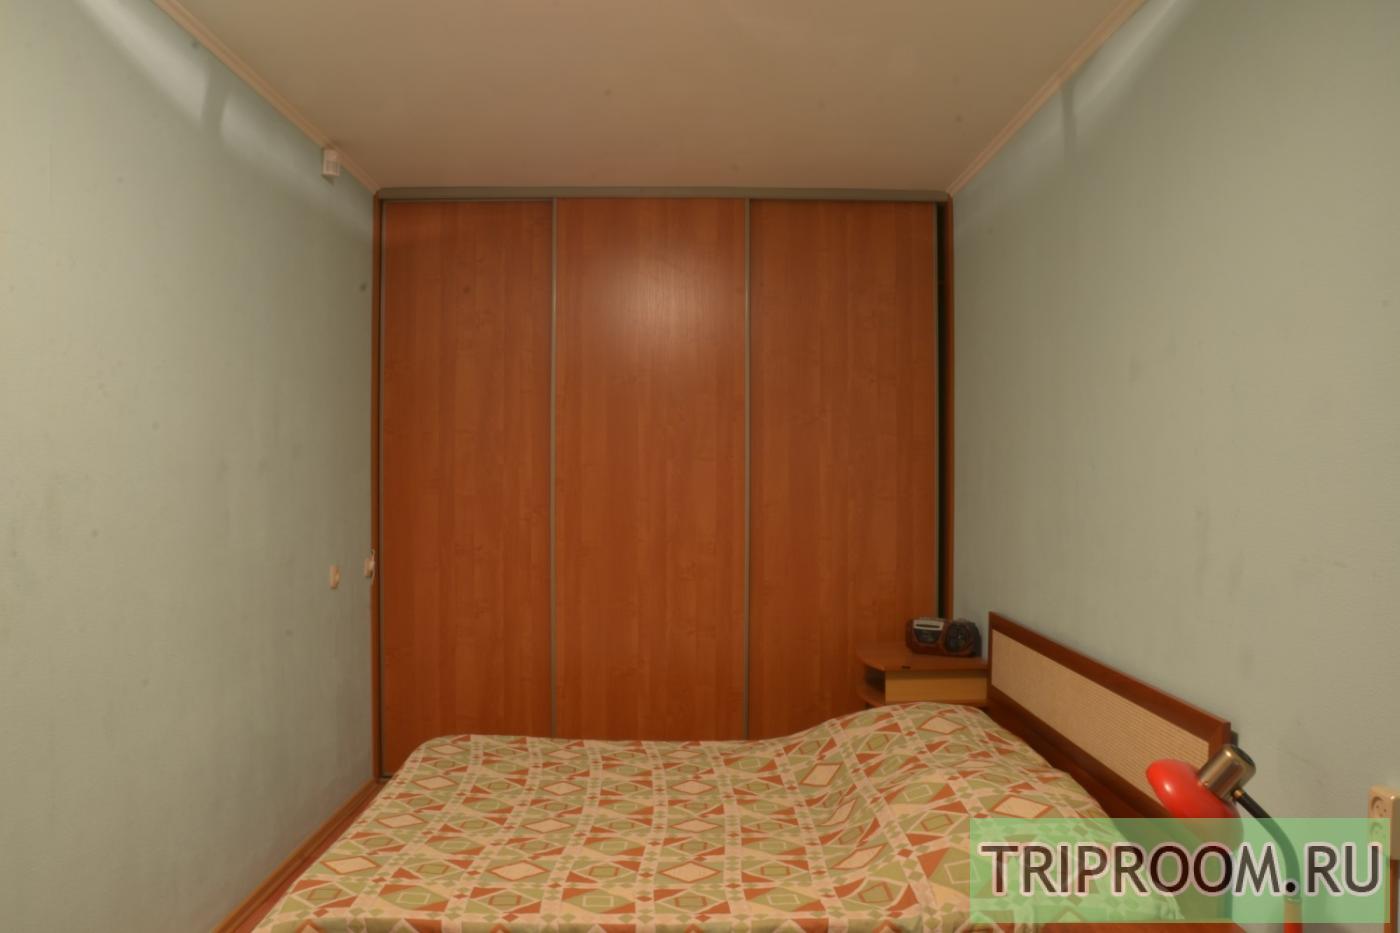 2-комнатная квартира посуточно (вариант № 10577), ул. Тимирязева улица, фото № 4